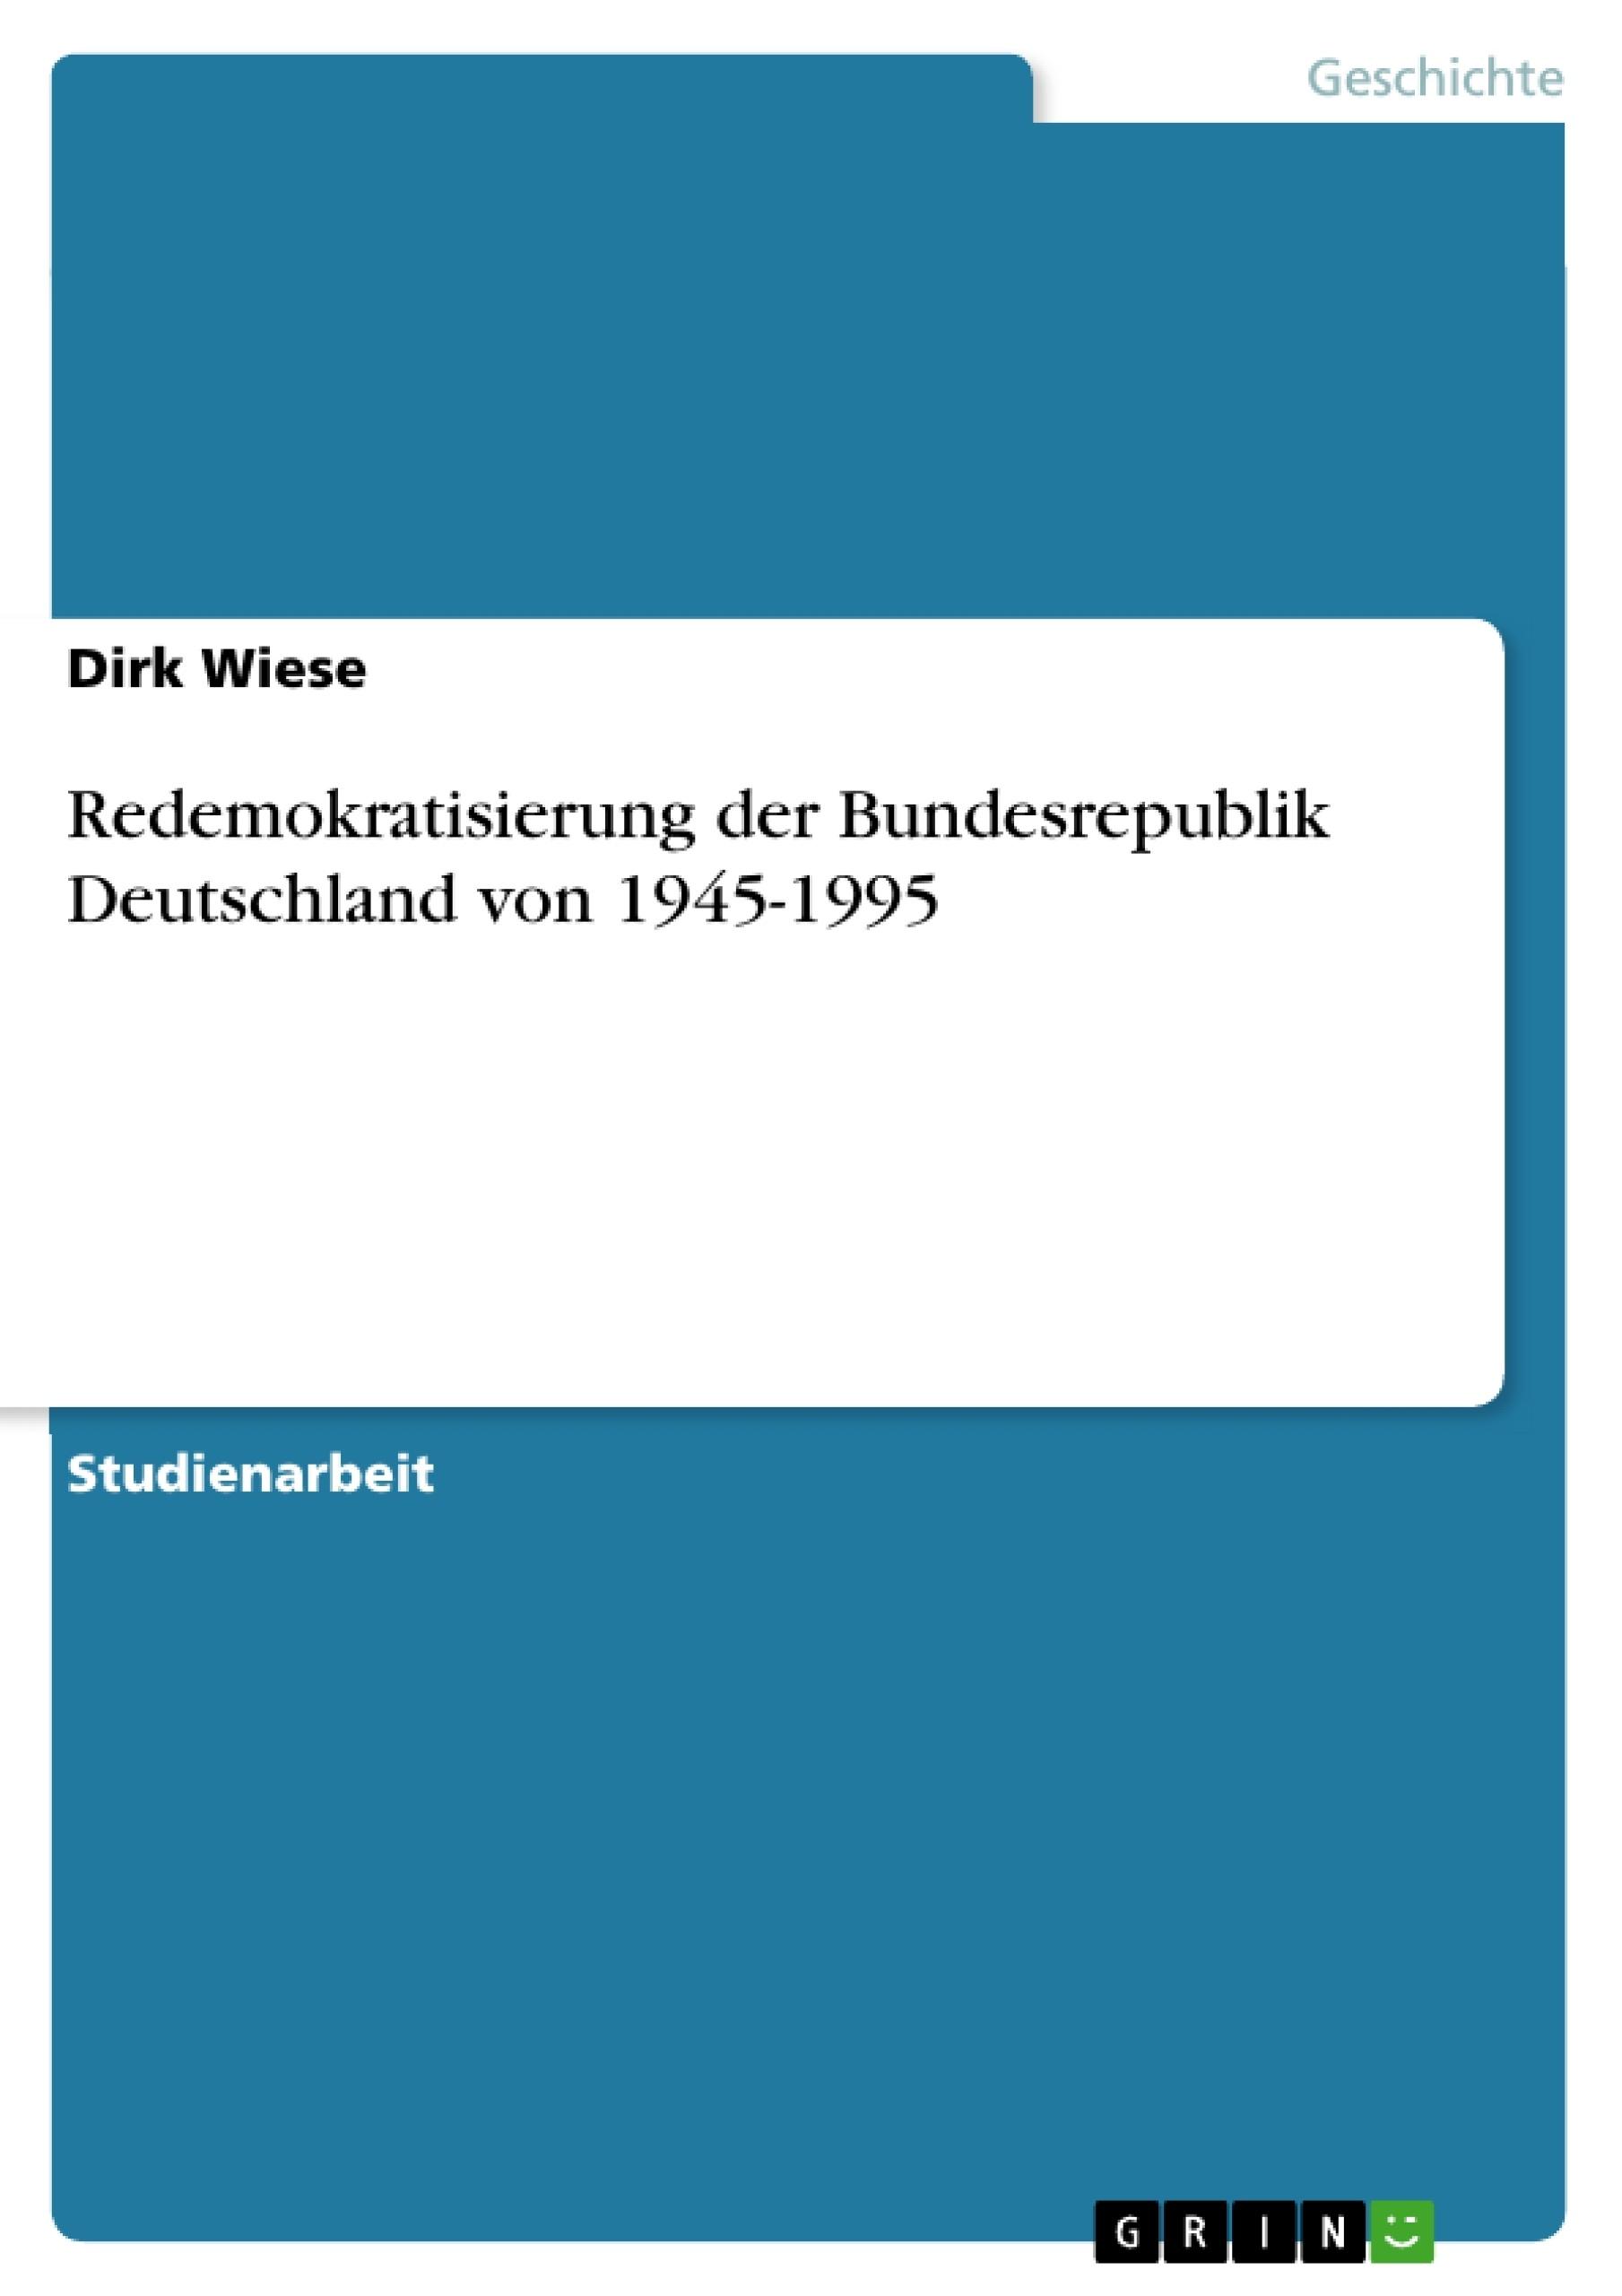 Titel: Redemokratisierung der Bundesrepublik Deutschland von 1945-1995